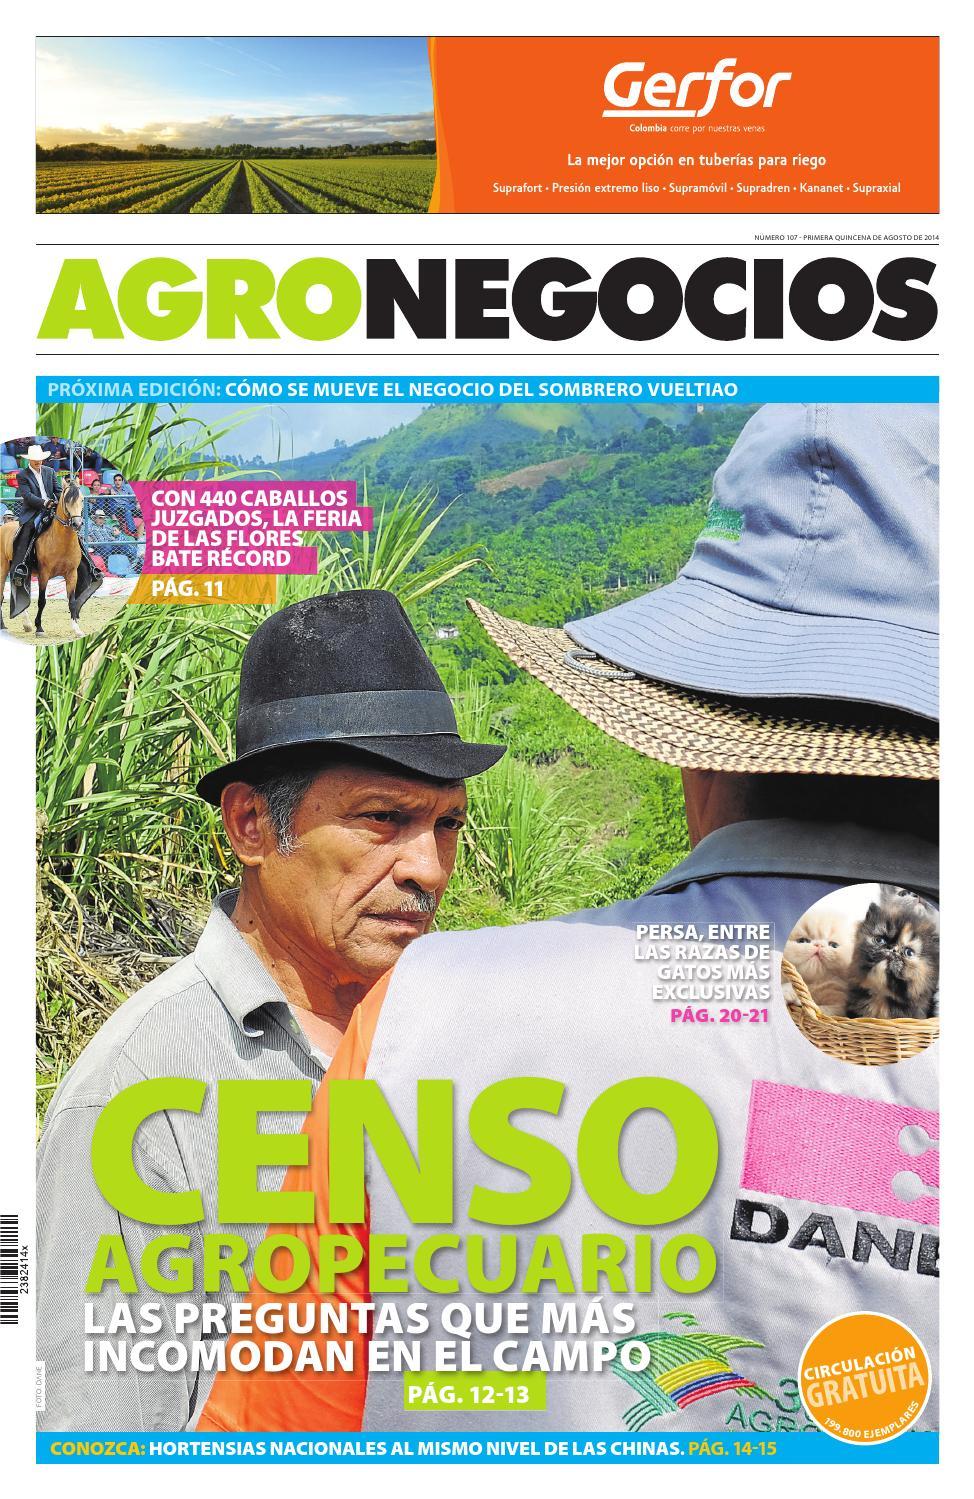 Agronegocios Agosto 13 2014 by Diario La República - issuu 0fd5d00db5a